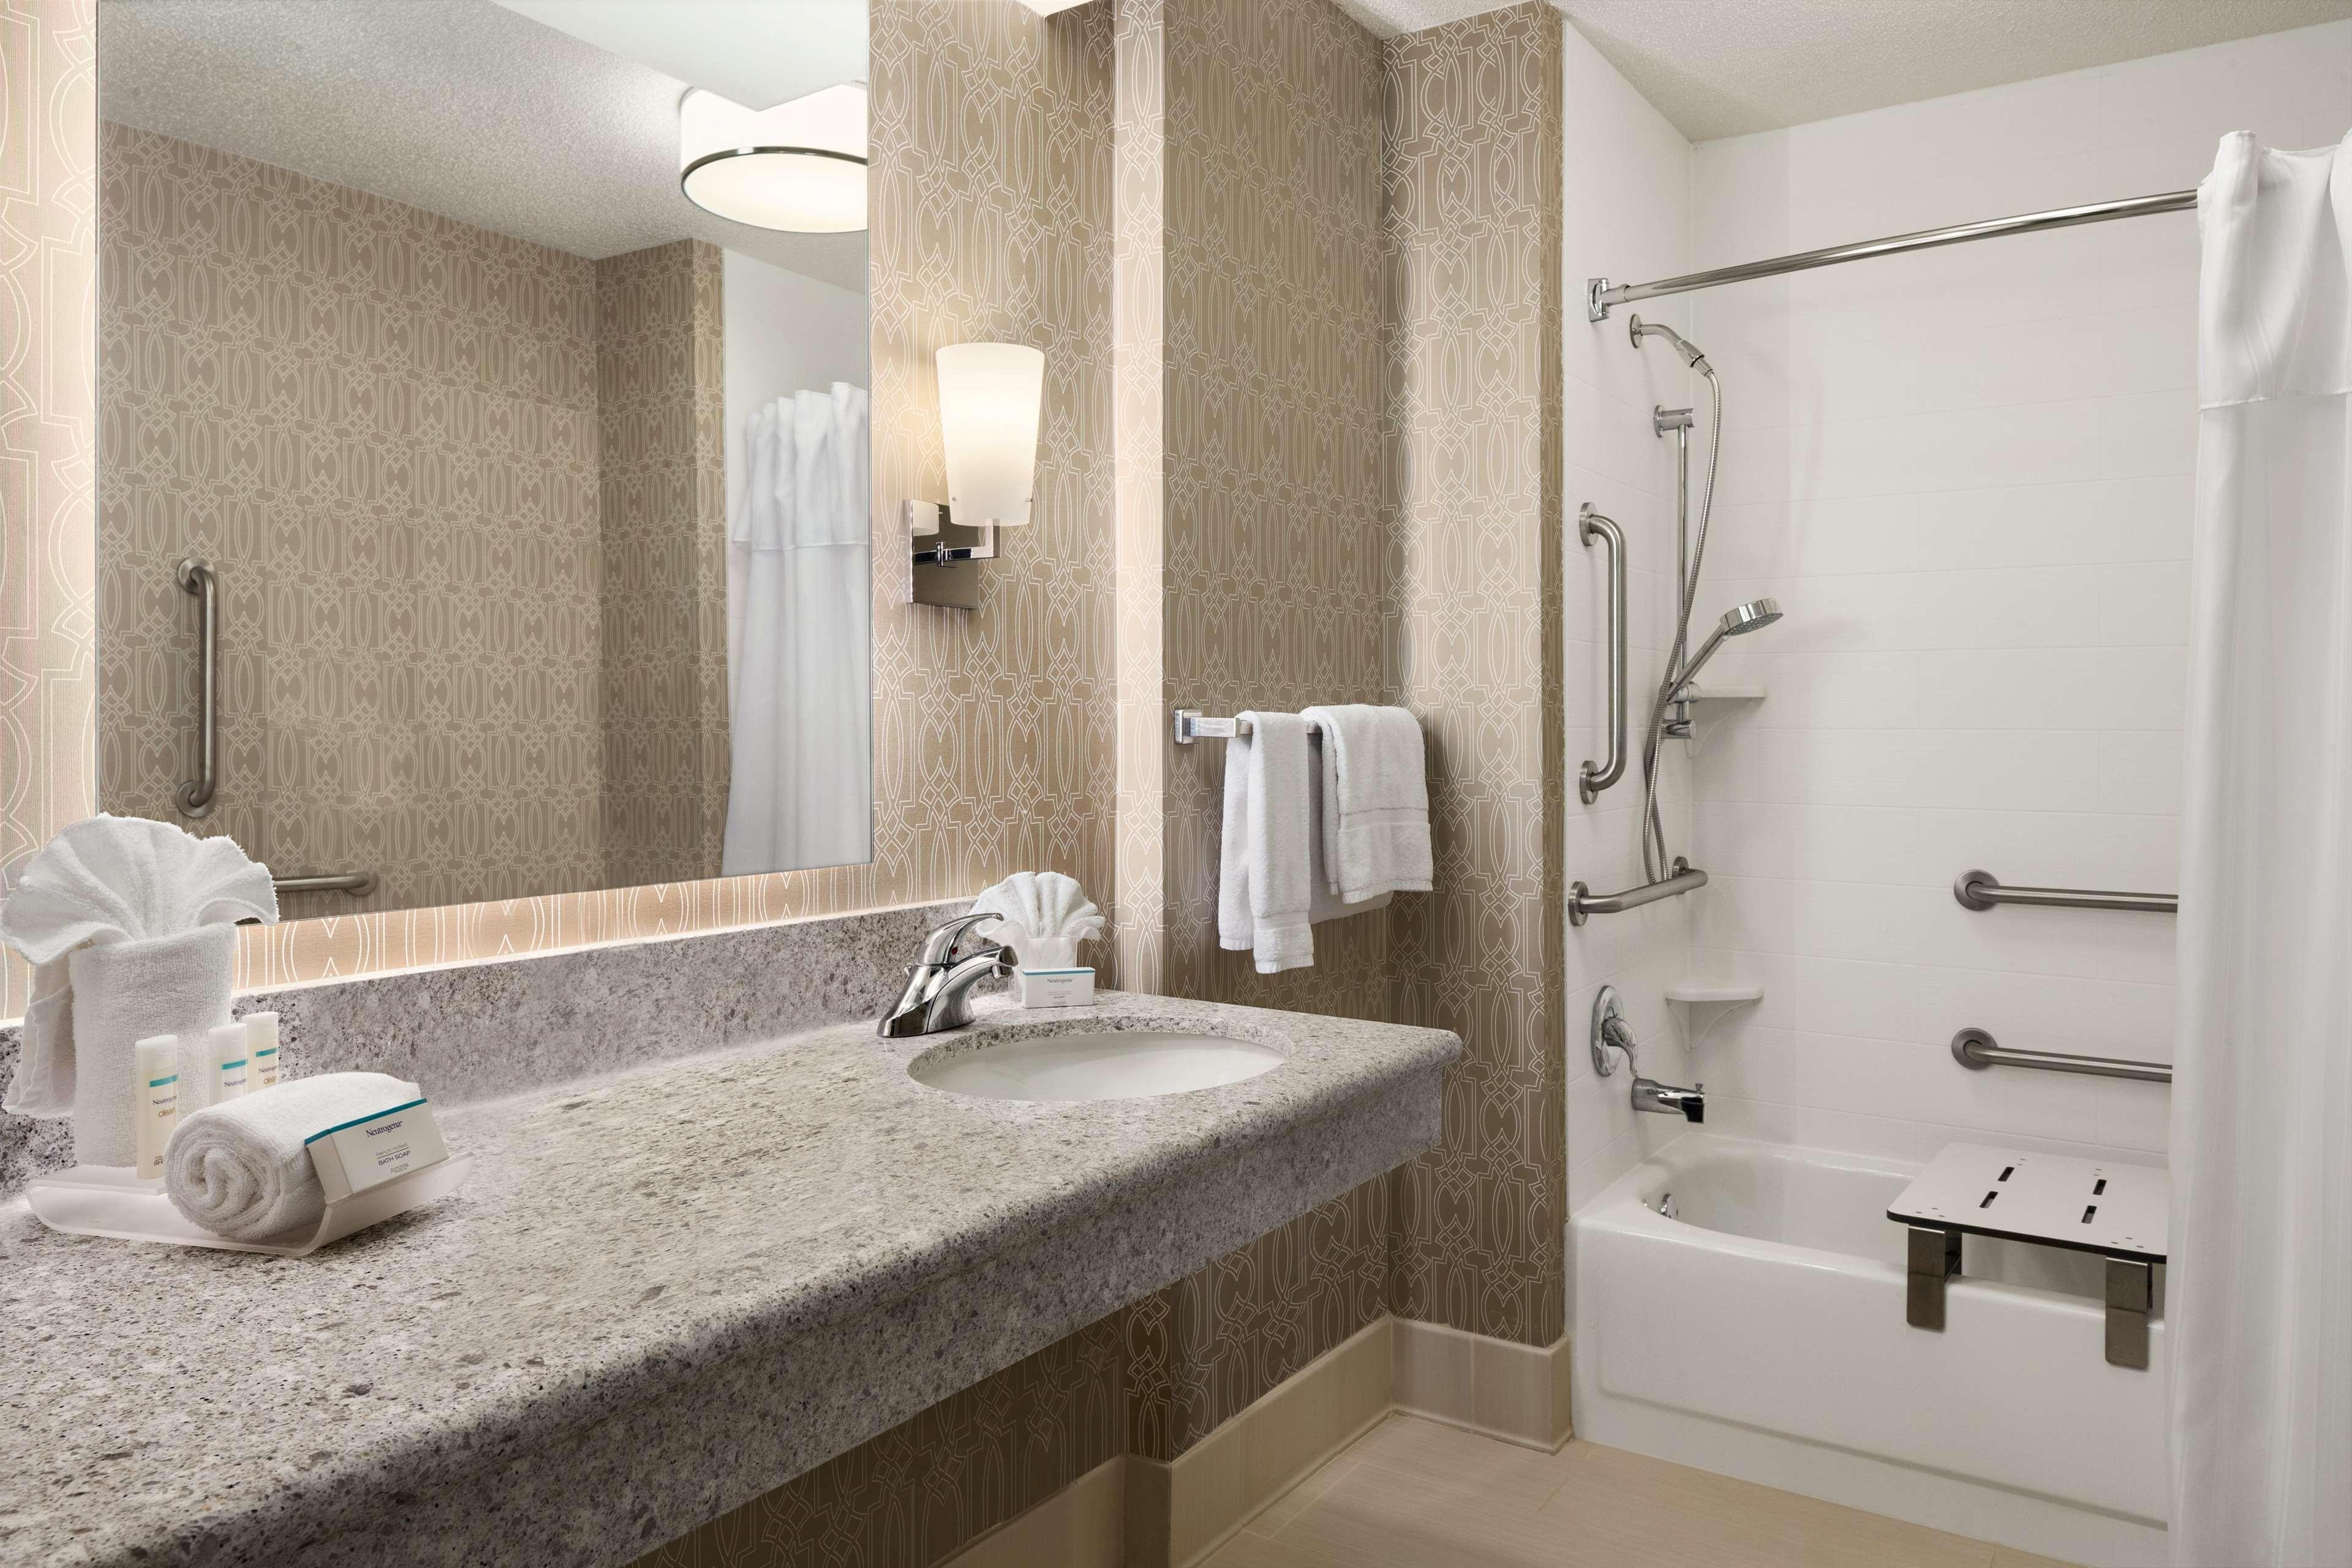 Homewood Suites by Hilton - Boulder image 21